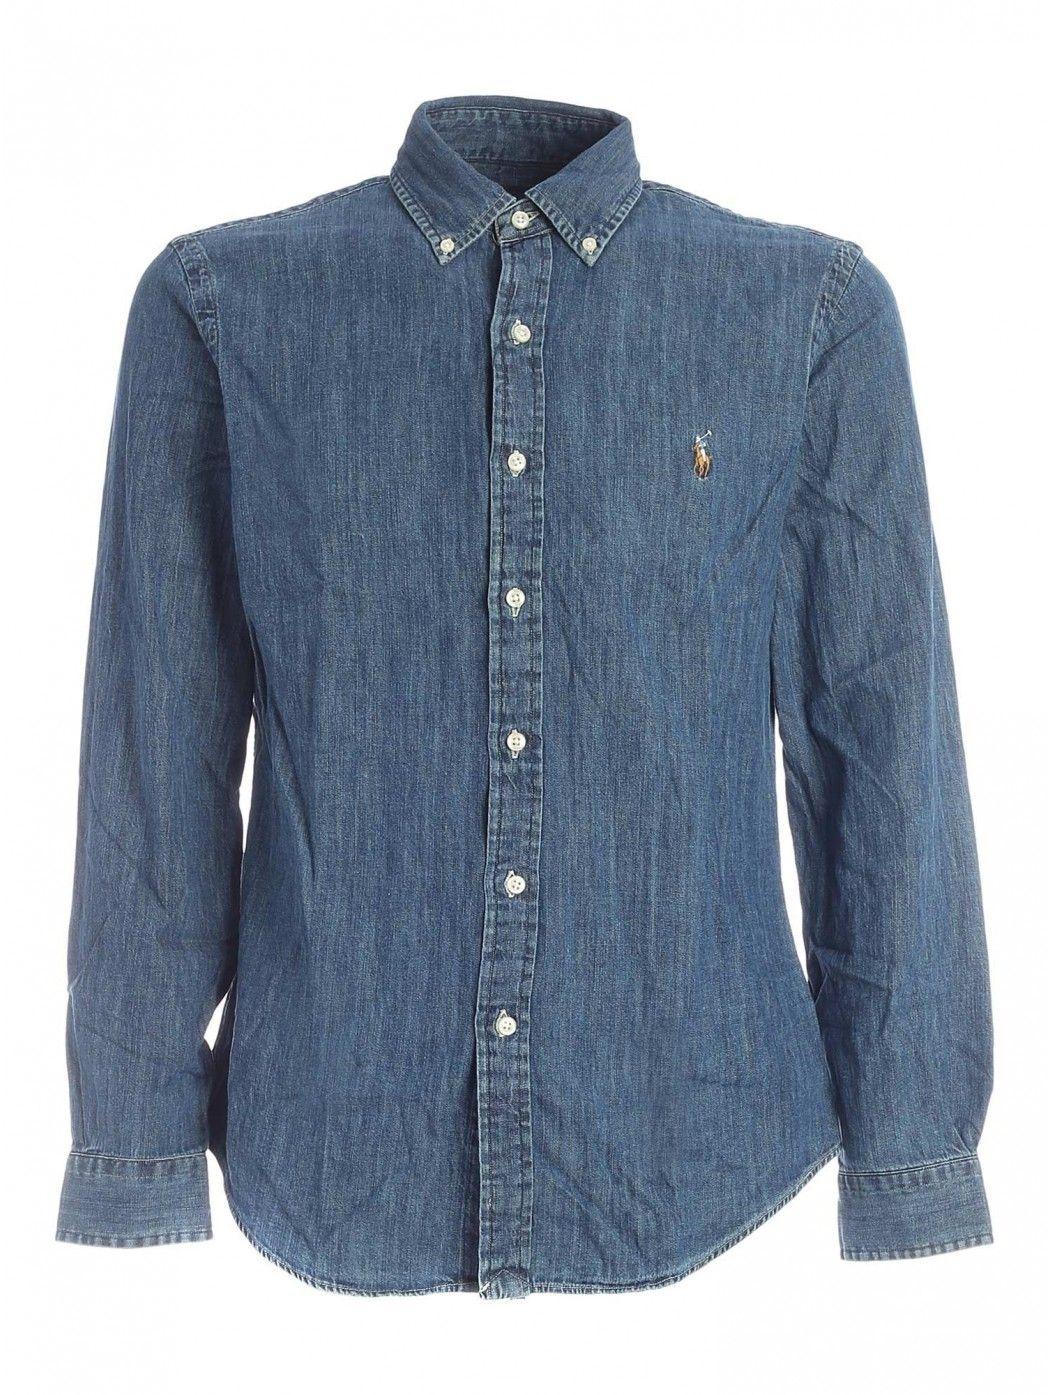 Camicia sportiva in denim Slim-Fit POLO RALPH LAUREN UOMO 710548539 001